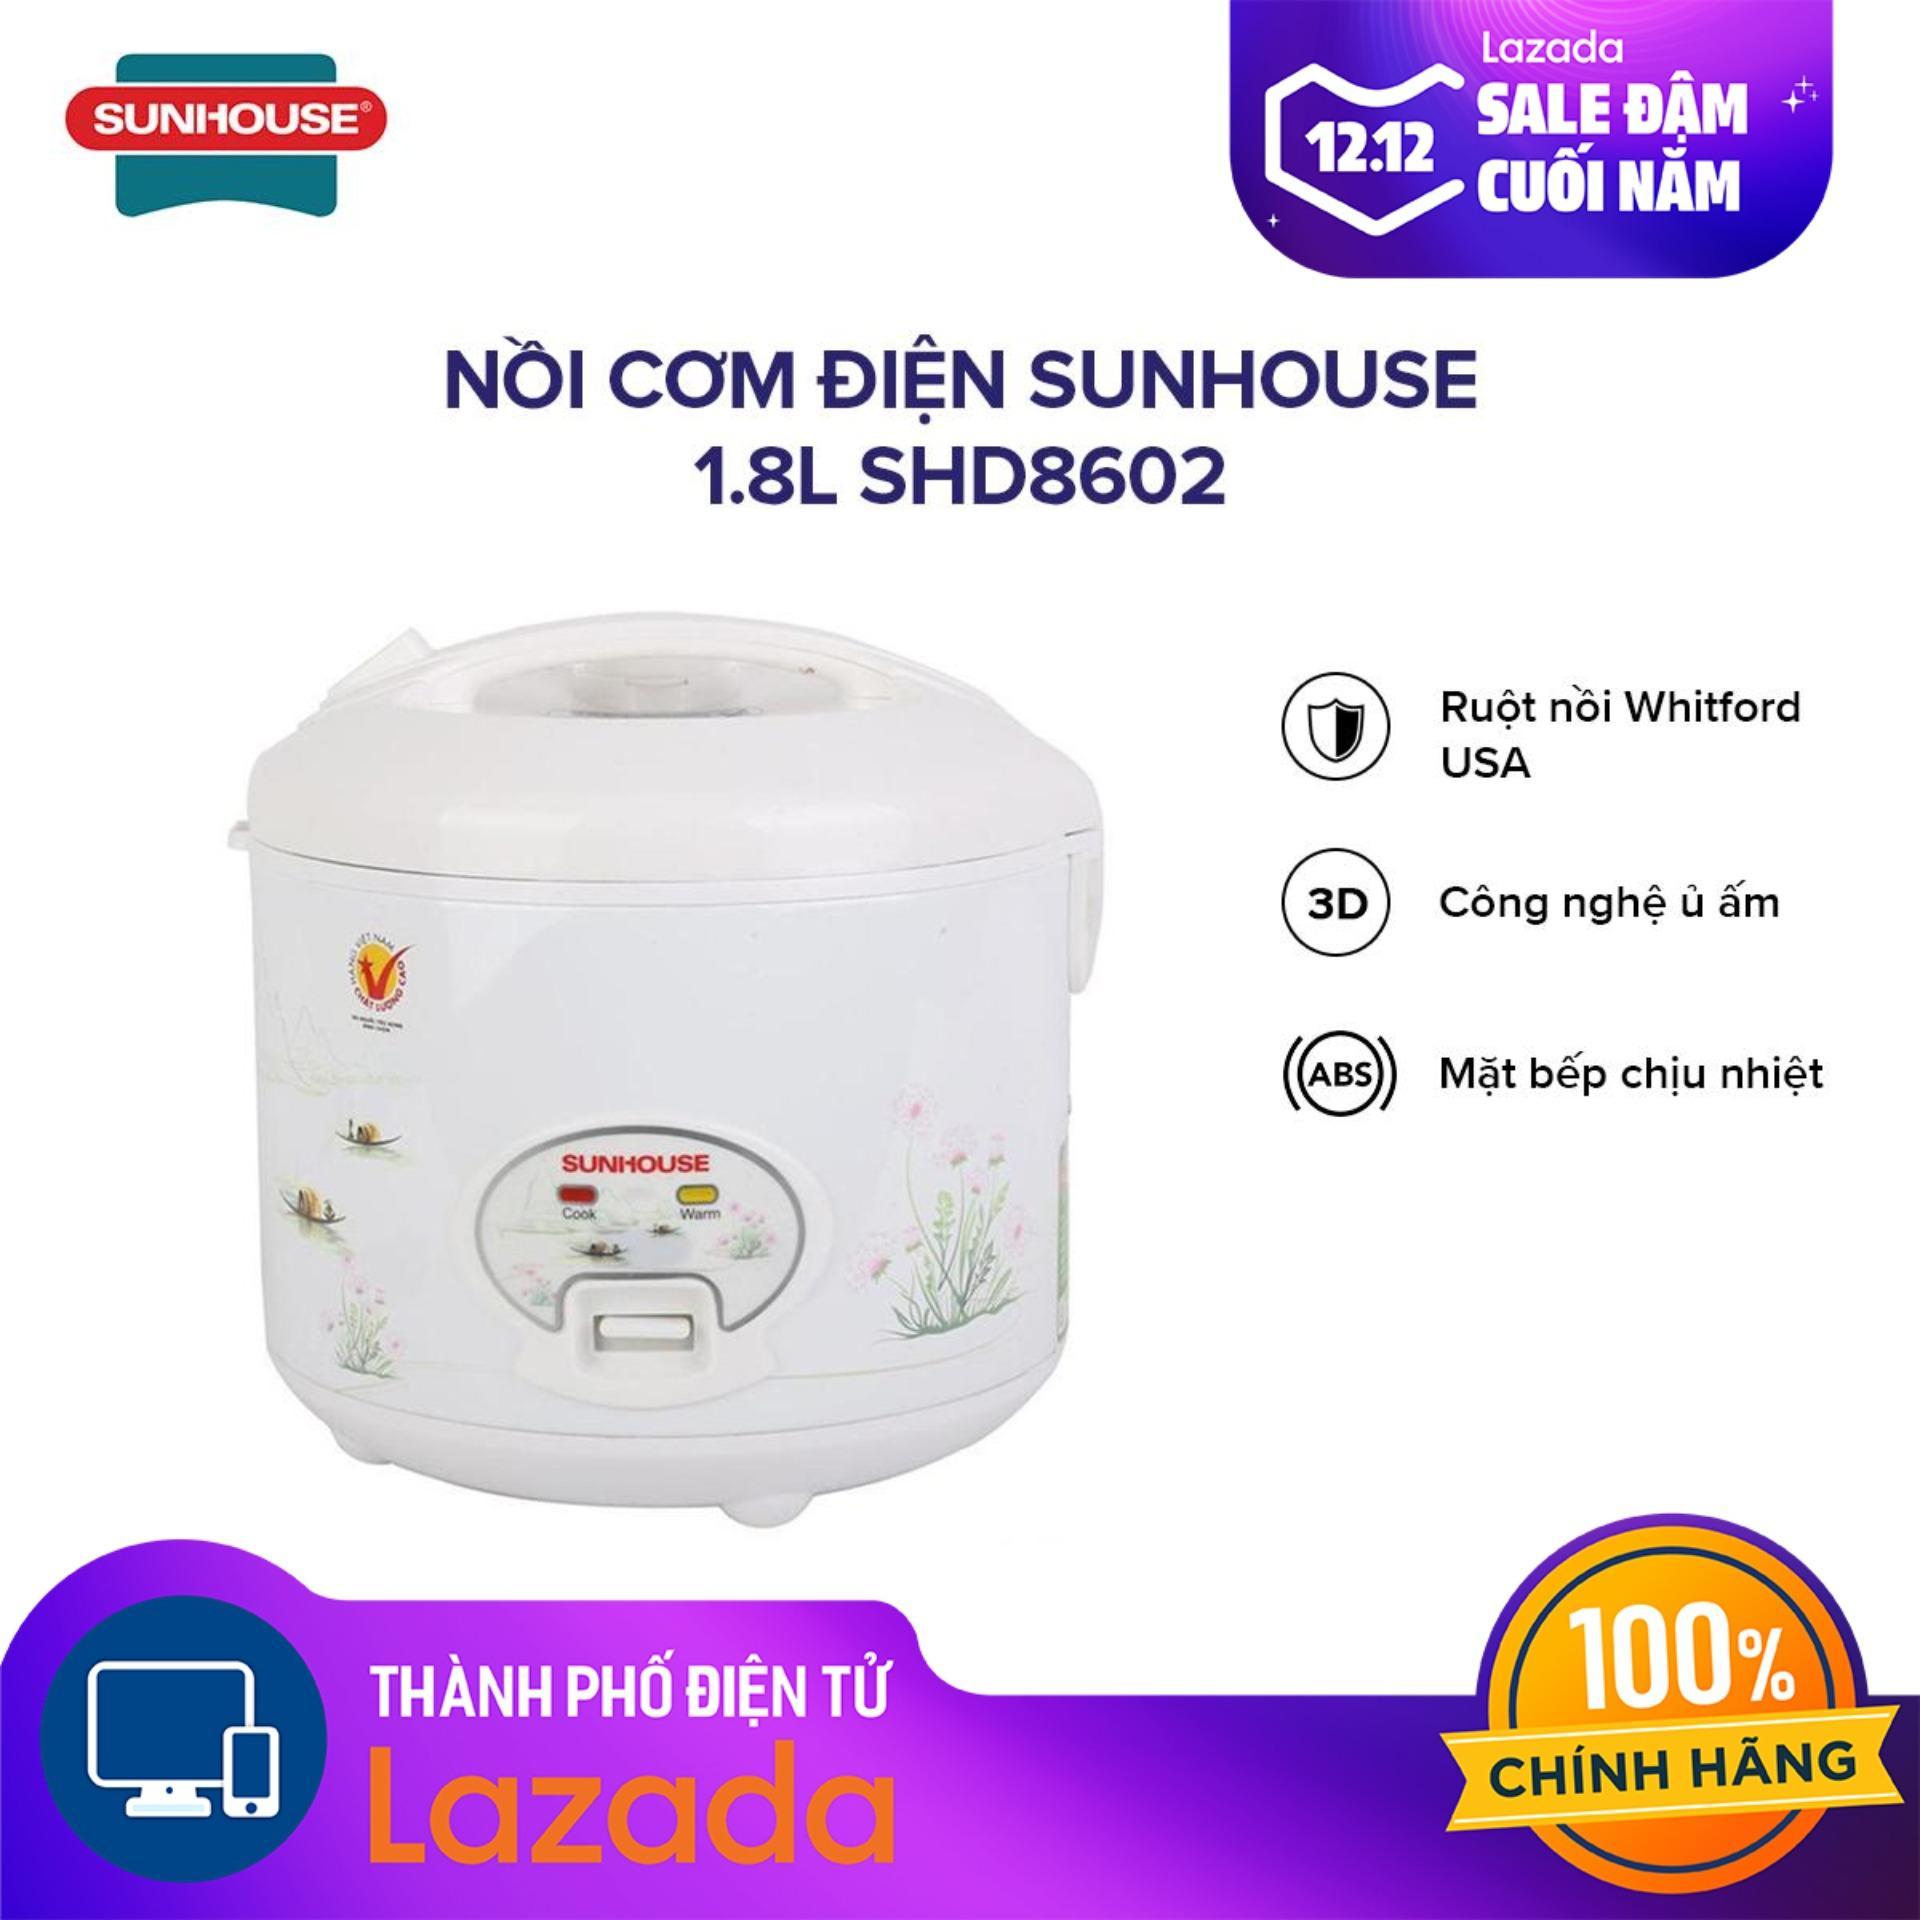 Nồi cơm điện Sunhouse 1.8L SHD8602